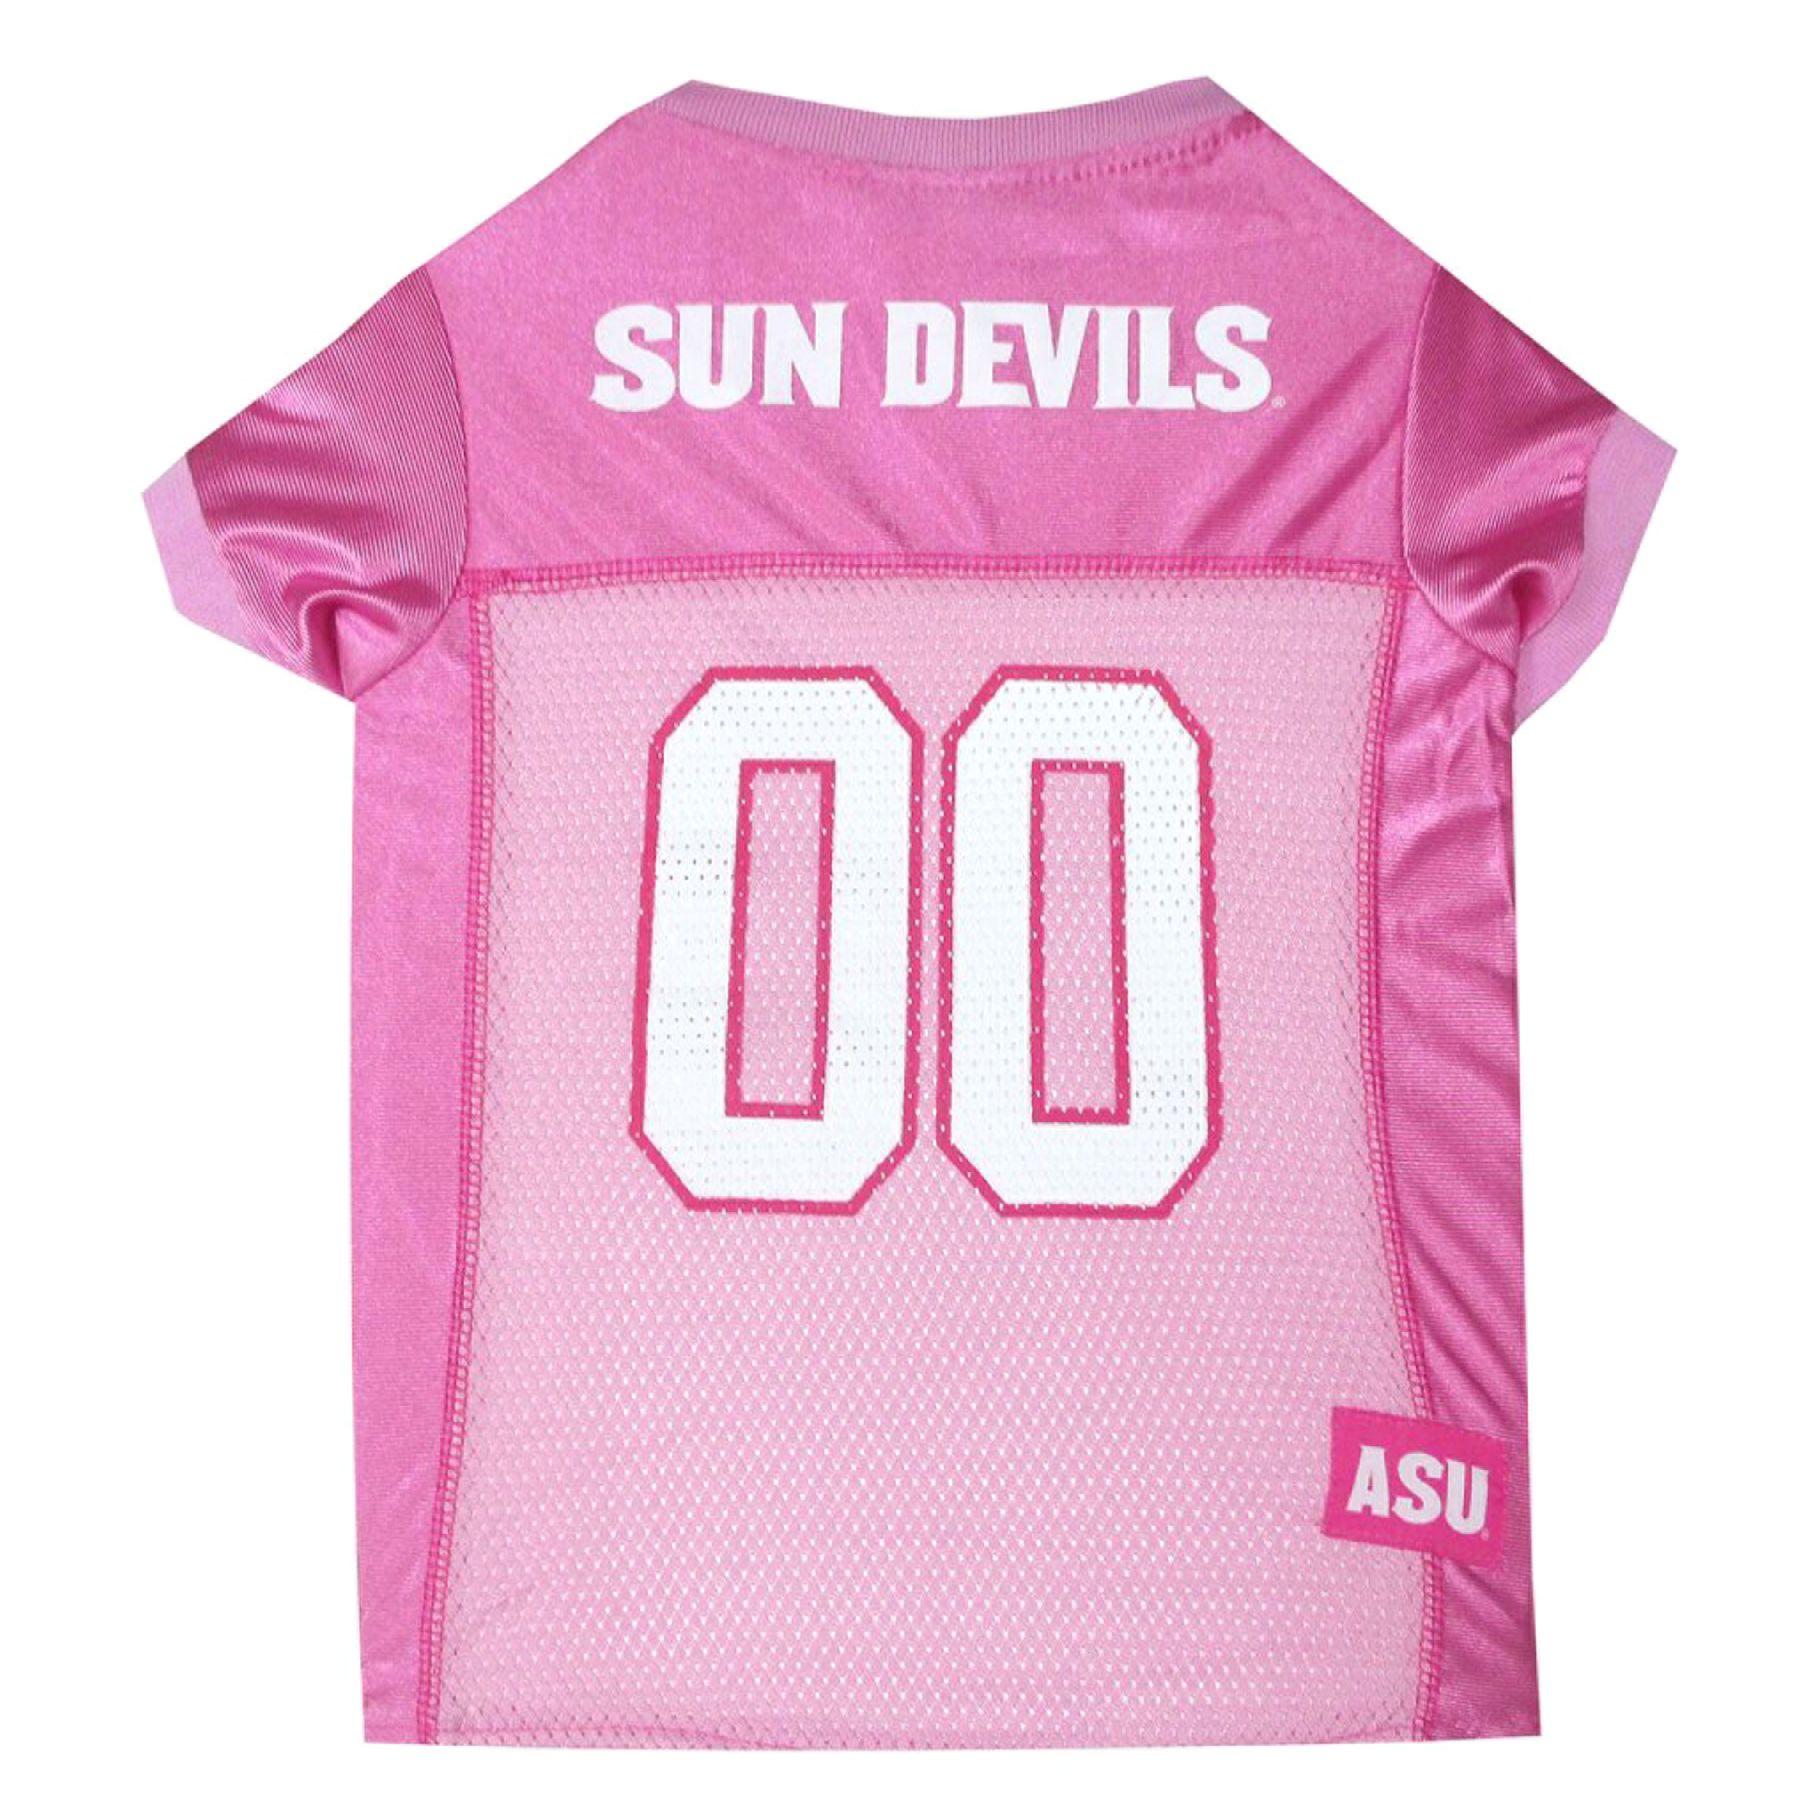 Arizona State University Sun Devils Ncaa Jersey size: X Small, Pink, Pets First 5243740